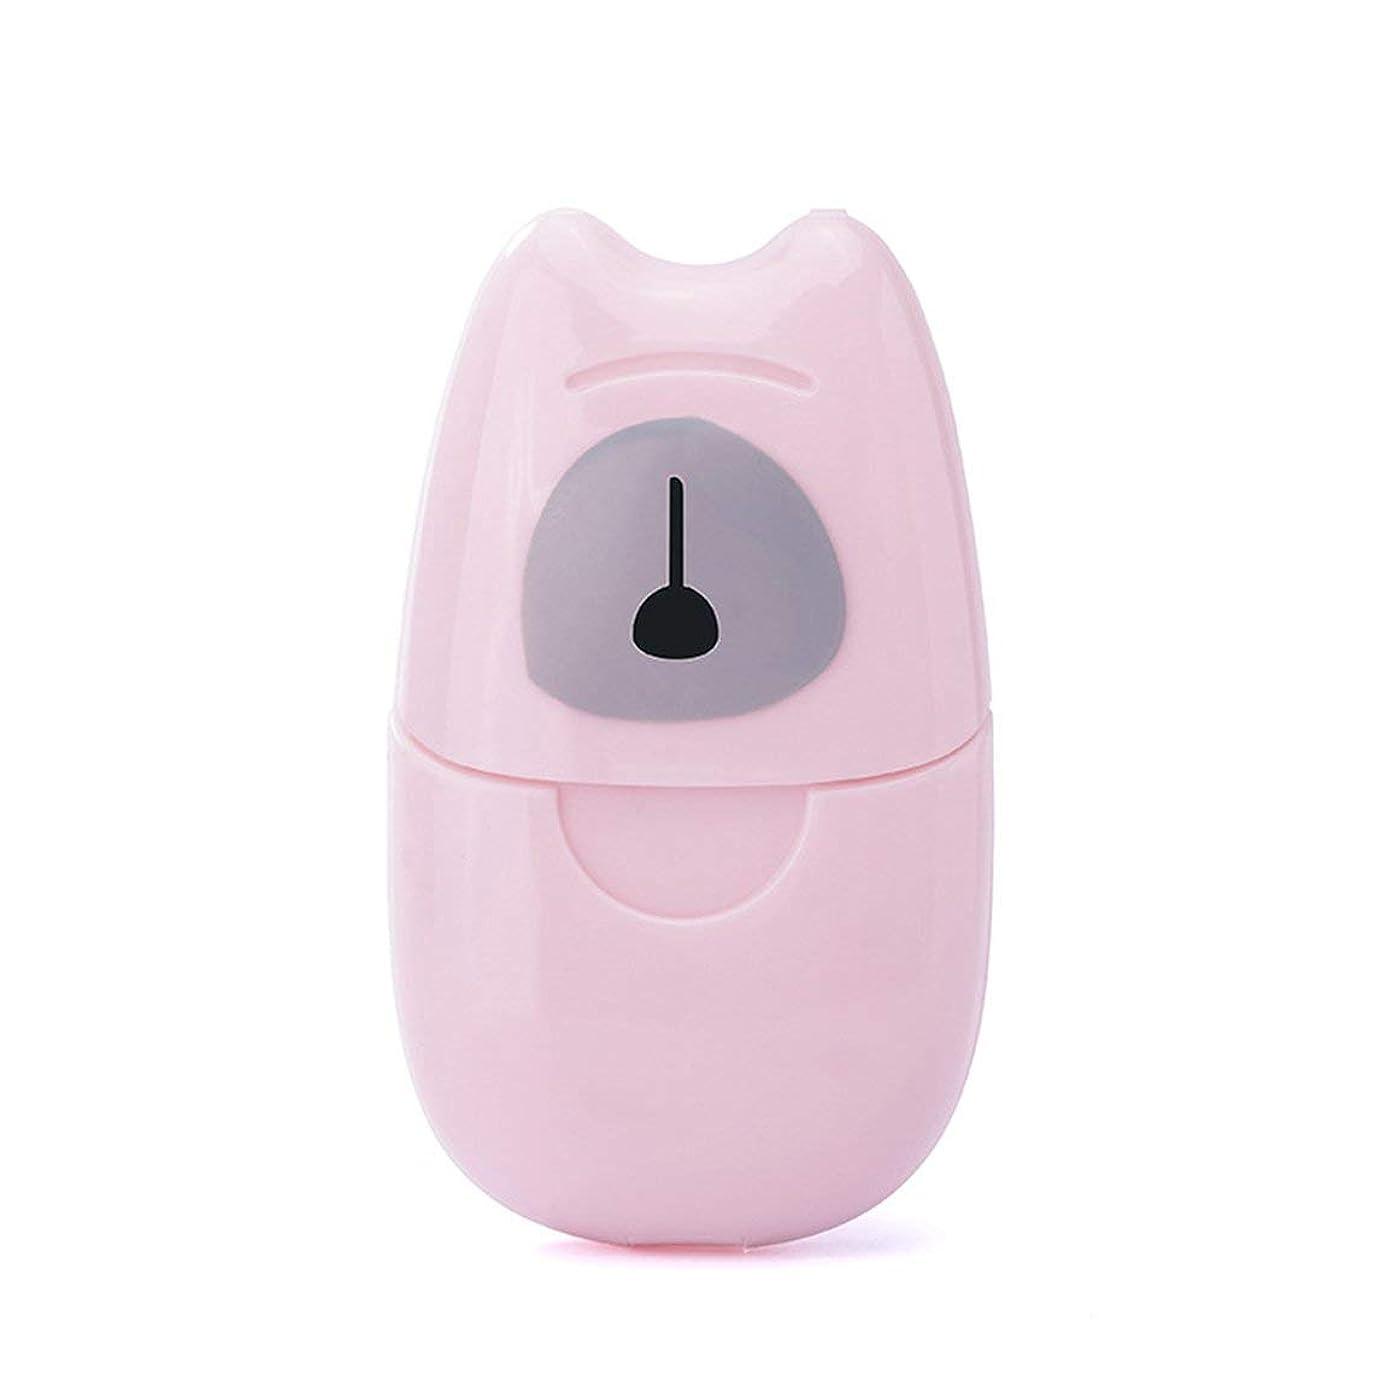 前提条件陸軍メーター箱入り石鹸紙旅行ポータブル屋外手洗い石鹸香りスライスシート50ピースミニ石鹸紙でプラスチックボックス - ピンク